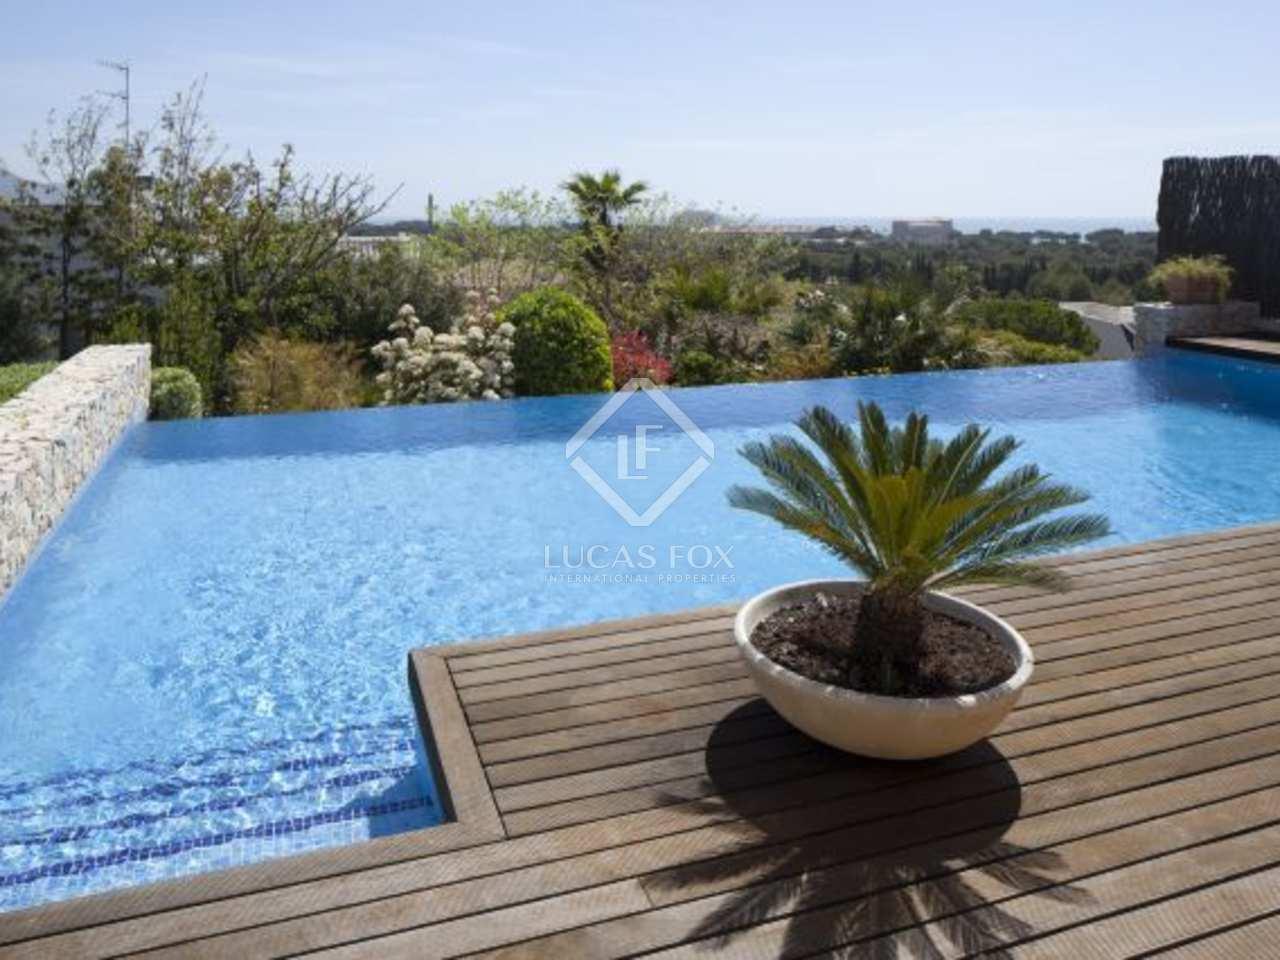 Casa familiar con piscina infinita y fant sticas vistas en for Piscina sitges